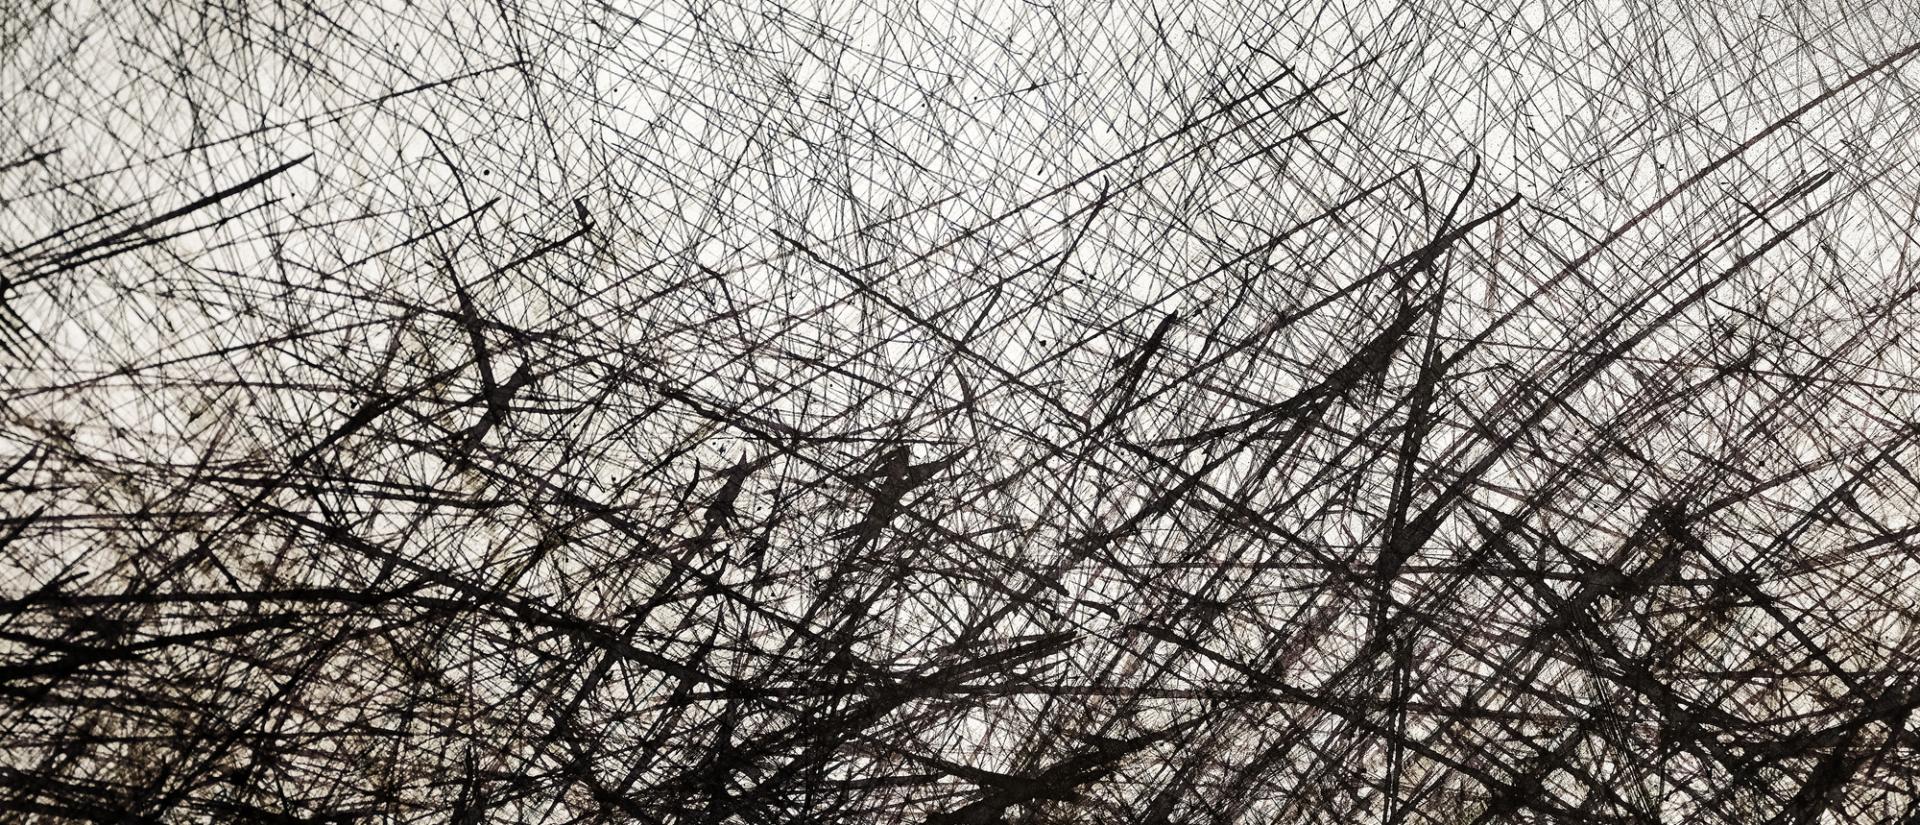 Kontrapunkty – Finisaż wystawy Iwony Kolasińskiej